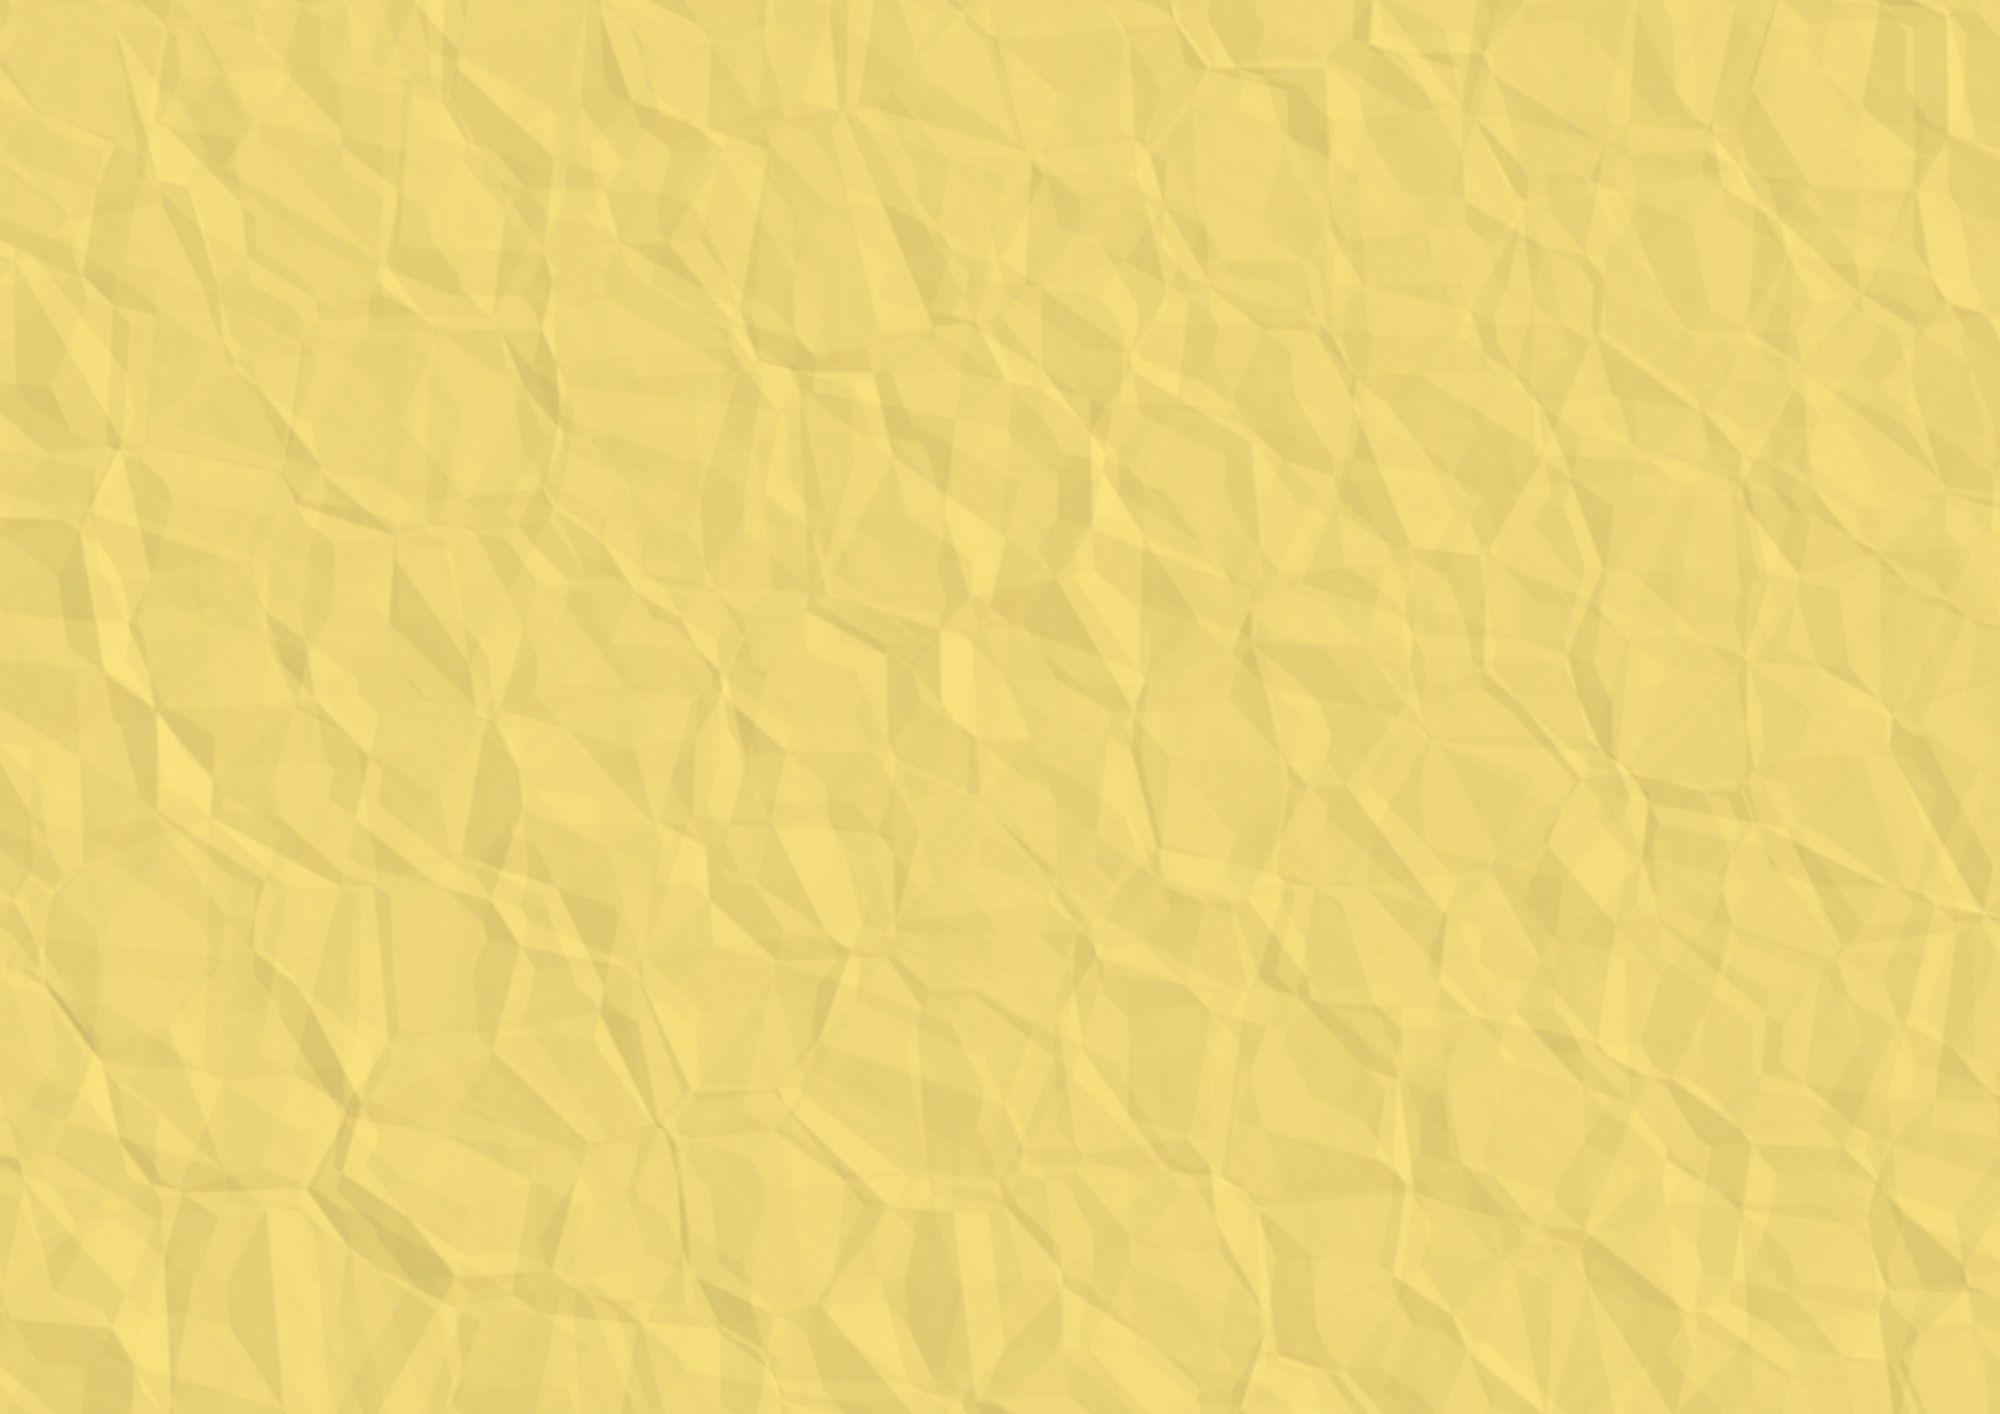 Download 510+ Background Kayu Kuning Gratis